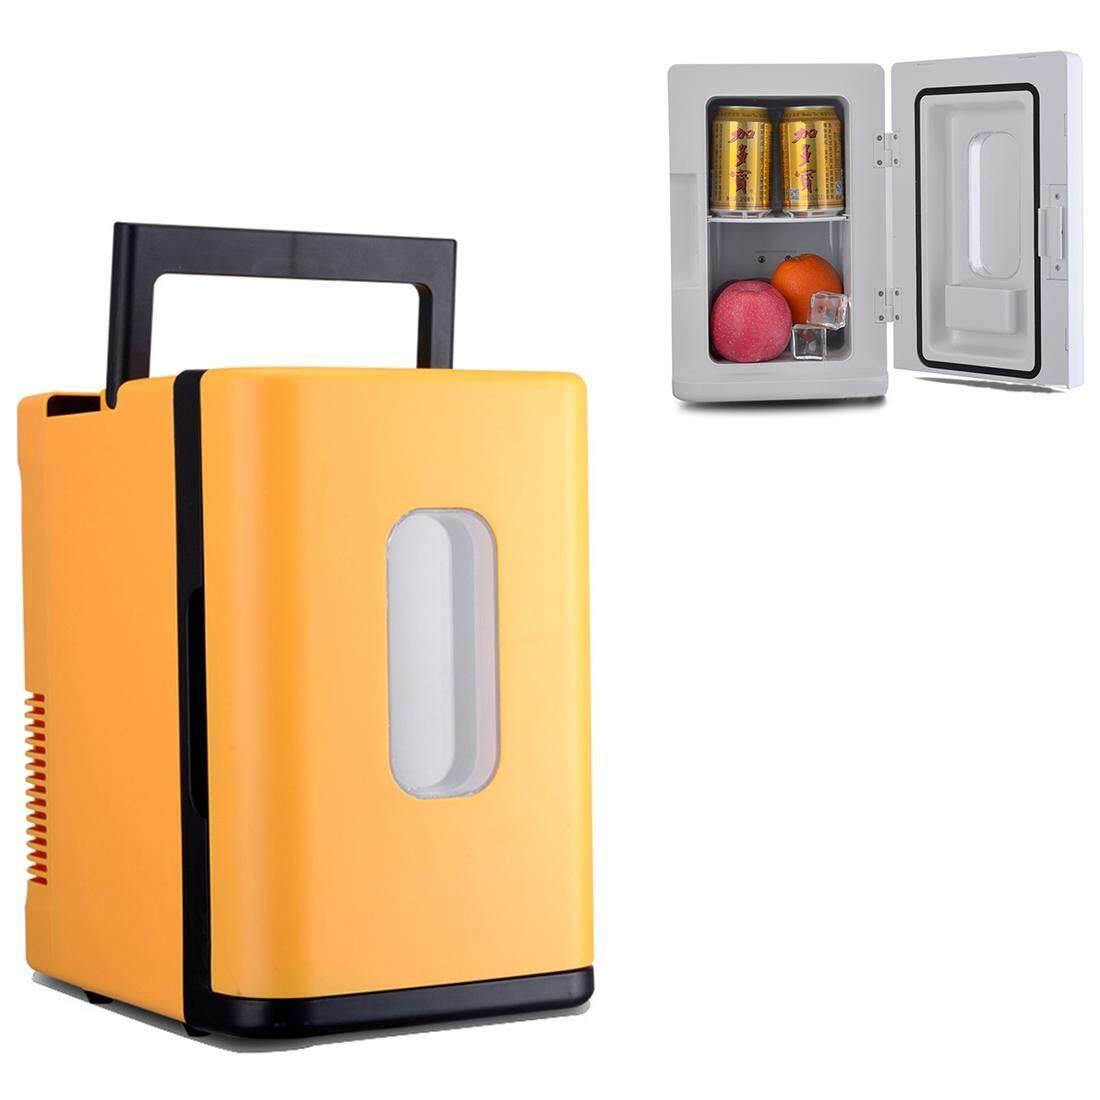 Vehicle Otomatis 68 W Maksimum Portabel Mini Cooler dan Lebih Hangat 10L Kulkas untuk Mobil dan Rumah, Tegangan: DC 12 V/AC 220 V (Kuning)-Internasional